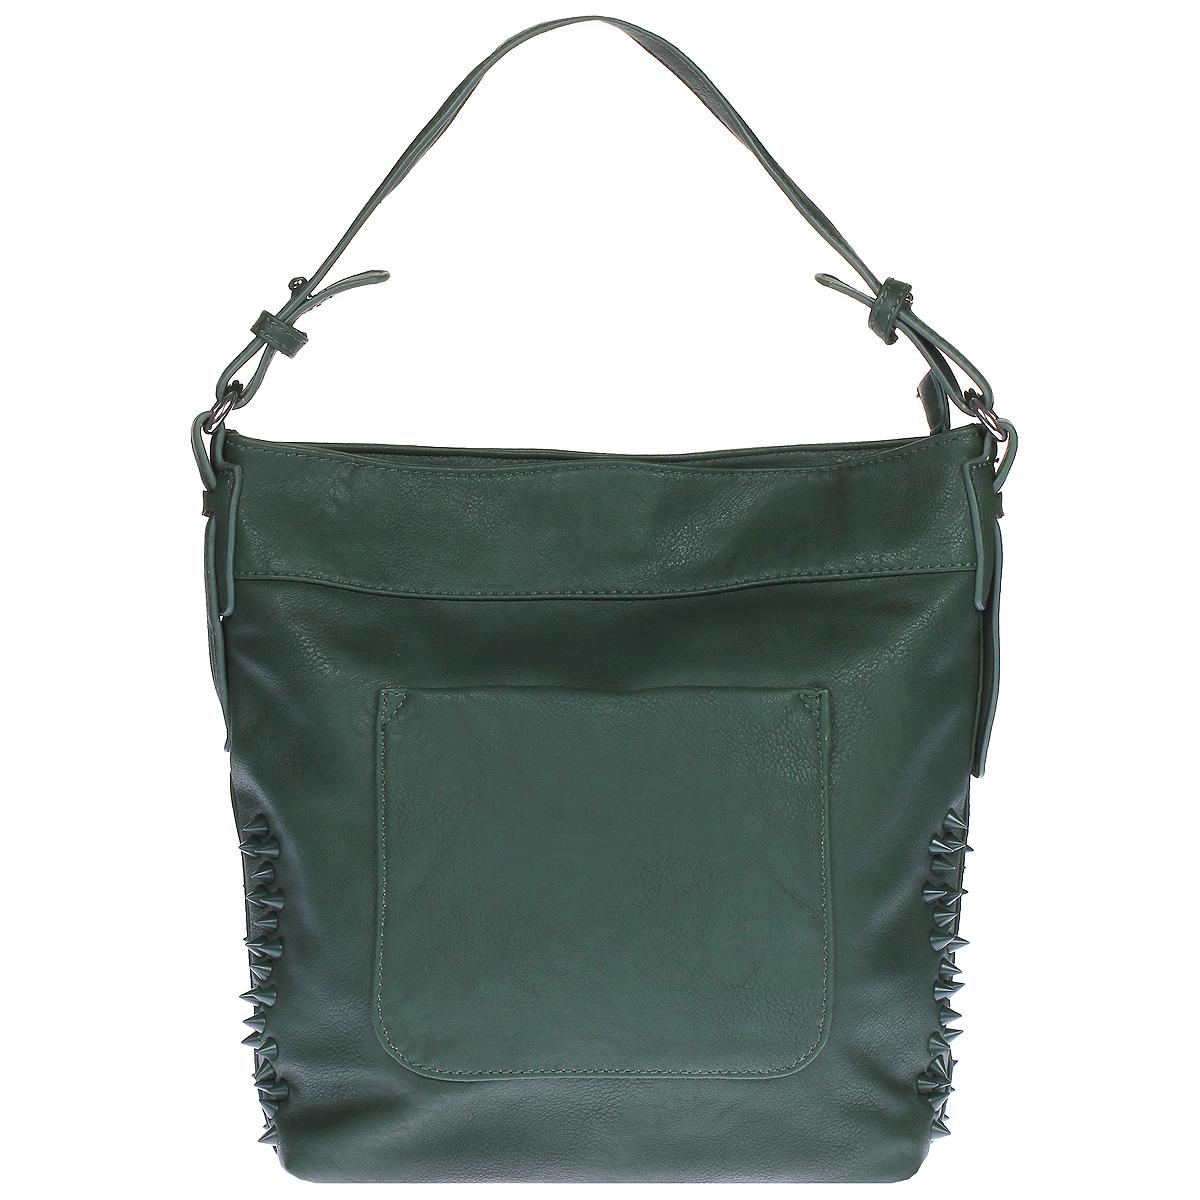 Сумка женская Orsa Oro, цвет: зеленый. D-757D-757 изумрудЖенская сумка Orsa Oro выполнена из искусственной кожи зеленого цвета. Сумка состоит из одного вместительного отделения, которое закрывается на застежку-молнию. Внутри - вшитый карман на молнии и два накладных кармана, один из которых предназначен для телефона, другой - для прочих мелочей. По бокам сумка декорирована пластиковыми шипами. На задней стороне сумки также расположен вшитый карман на молнии. На лицевой стороне сумки имеется дополнительный карман закрывающийся на магнитную кнопку. Сумка оснащена удобной ручкой и съемным регулирующим длину плечевым ремнем. К сумке прилагается чехол для хранения. Сумка - это стильный аксессуар, который подчеркнет вашу изысканность и индивидуальность и сделает ваш образ завершенным. Характеристики: Материал: искусственная кожа, текстиль, металл. Размер сумки: 30 см х 30 см х 8 см. Высота ручек: 15 см. Длина плечевого ремня: 80 см. Цвет: зеленый. ...